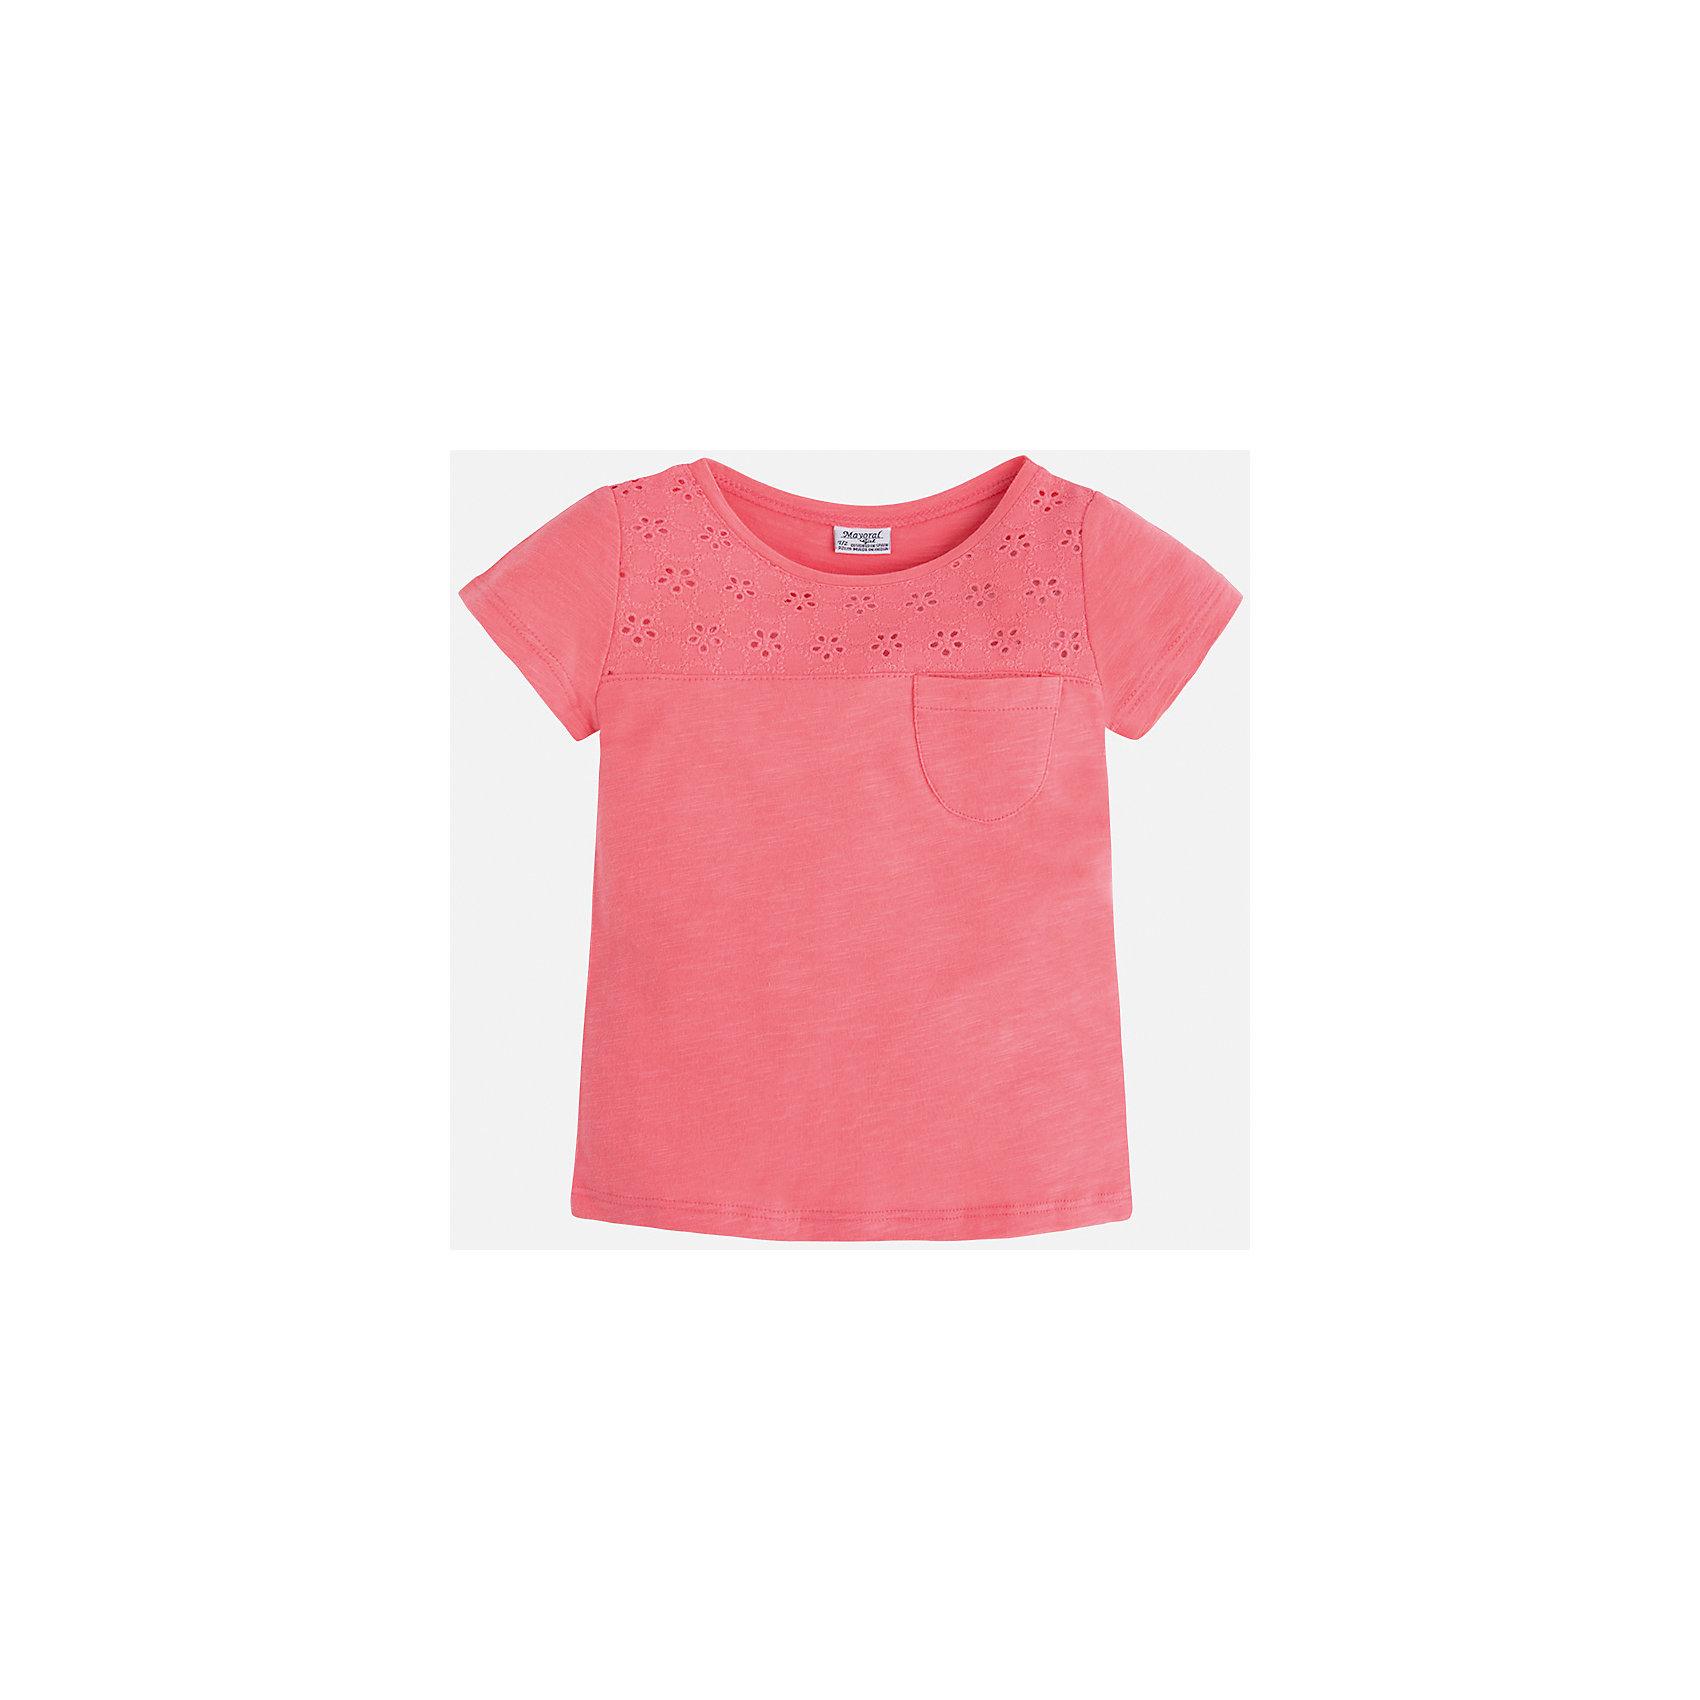 Футболка для девочки MayoralФутболки, поло и топы<br>Характеристики товара:<br><br>• цвет: розовый<br>• состав: 100% хлопок<br>• ажурный верх<br>• карман на груди<br>• короткие рукава<br>• округлый горловой вырез<br>• страна бренда: Испания<br><br>Стильная качественная футболка для девочки поможет разнообразить гардероб ребенка и украсить наряд. Она отлично сочетается и с юбками, и с шортами, и с брюками. Универсальный цвет позволяет подобрать к вещи низ практически любой расцветки. Интересная отделка модели делает её нарядной и оригинальной. В составе ткани преобладает натуральный хлопок, гипоаллергенный, приятный на ощупь, дышащий.<br><br>Одежда, обувь и аксессуары от испанского бренда Mayoral полюбились детям и взрослым по всему миру. Модели этой марки - стильные и удобные. Для их производства используются только безопасные, качественные материалы и фурнитура. Порадуйте ребенка модными и красивыми вещами от Mayoral! <br><br>Футболку для девочки от испанского бренда Mayoral (Майорал) можно купить в нашем интернет-магазине.<br><br>Ширина мм: 199<br>Глубина мм: 10<br>Высота мм: 161<br>Вес г: 151<br>Цвет: оранжевый<br>Возраст от месяцев: 48<br>Возраст до месяцев: 60<br>Пол: Женский<br>Возраст: Детский<br>Размер: 110,134,116,122,92,98,128,104<br>SKU: 5288547